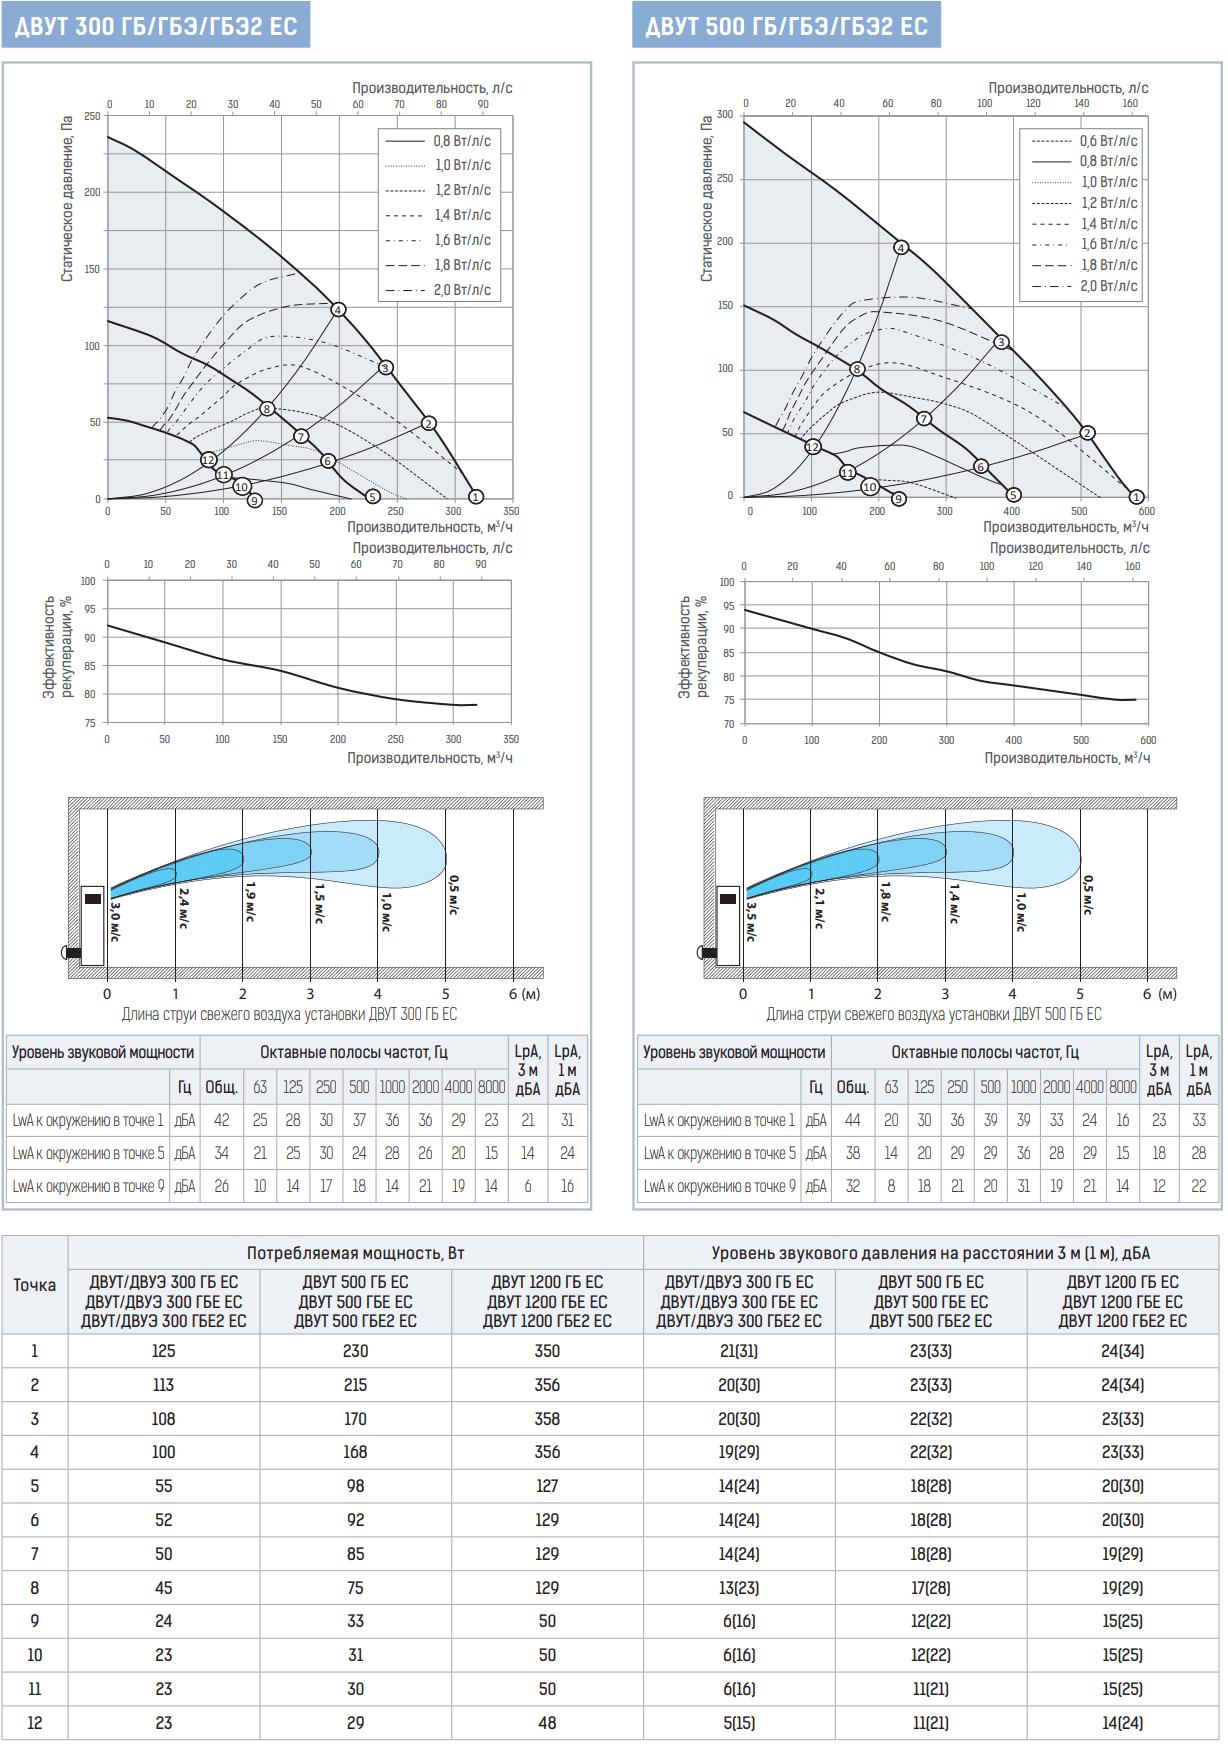 Приточно-вытяжная установка Вентс ДВУТ/ДВУЭ ГБ/ГБЭ ЕС - Рабочие характеристики